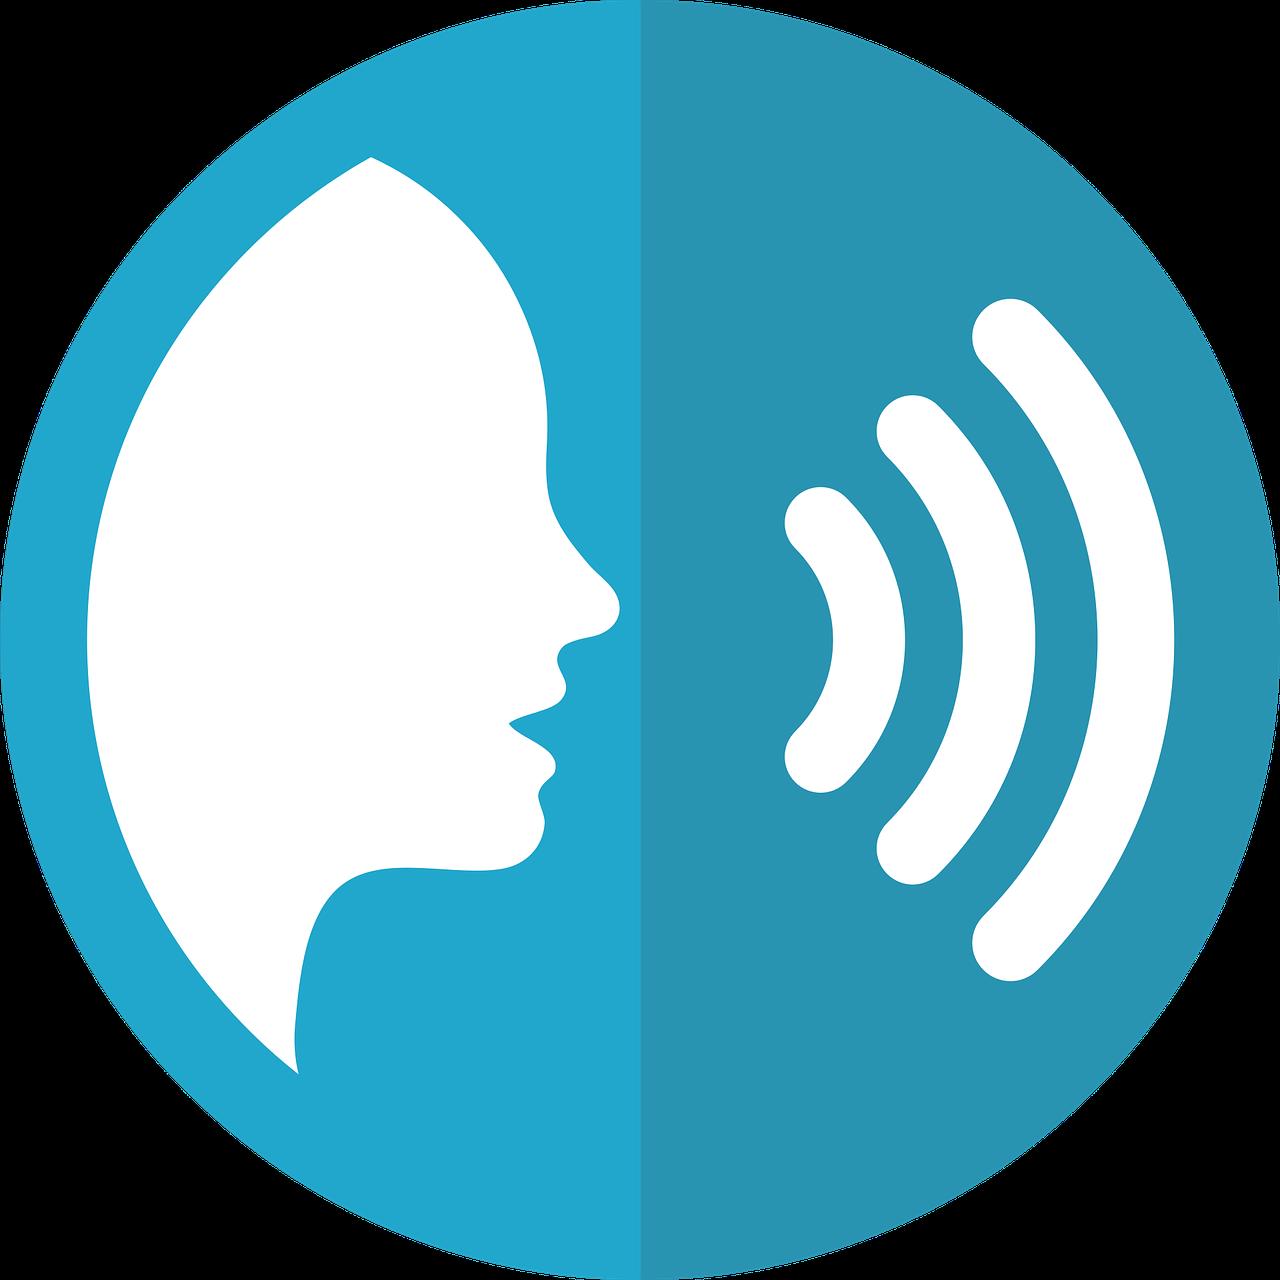 Google estrena función de guía por voz detallada para personas con discapacidad visual en #Google @Maps via @wwwhatsnew